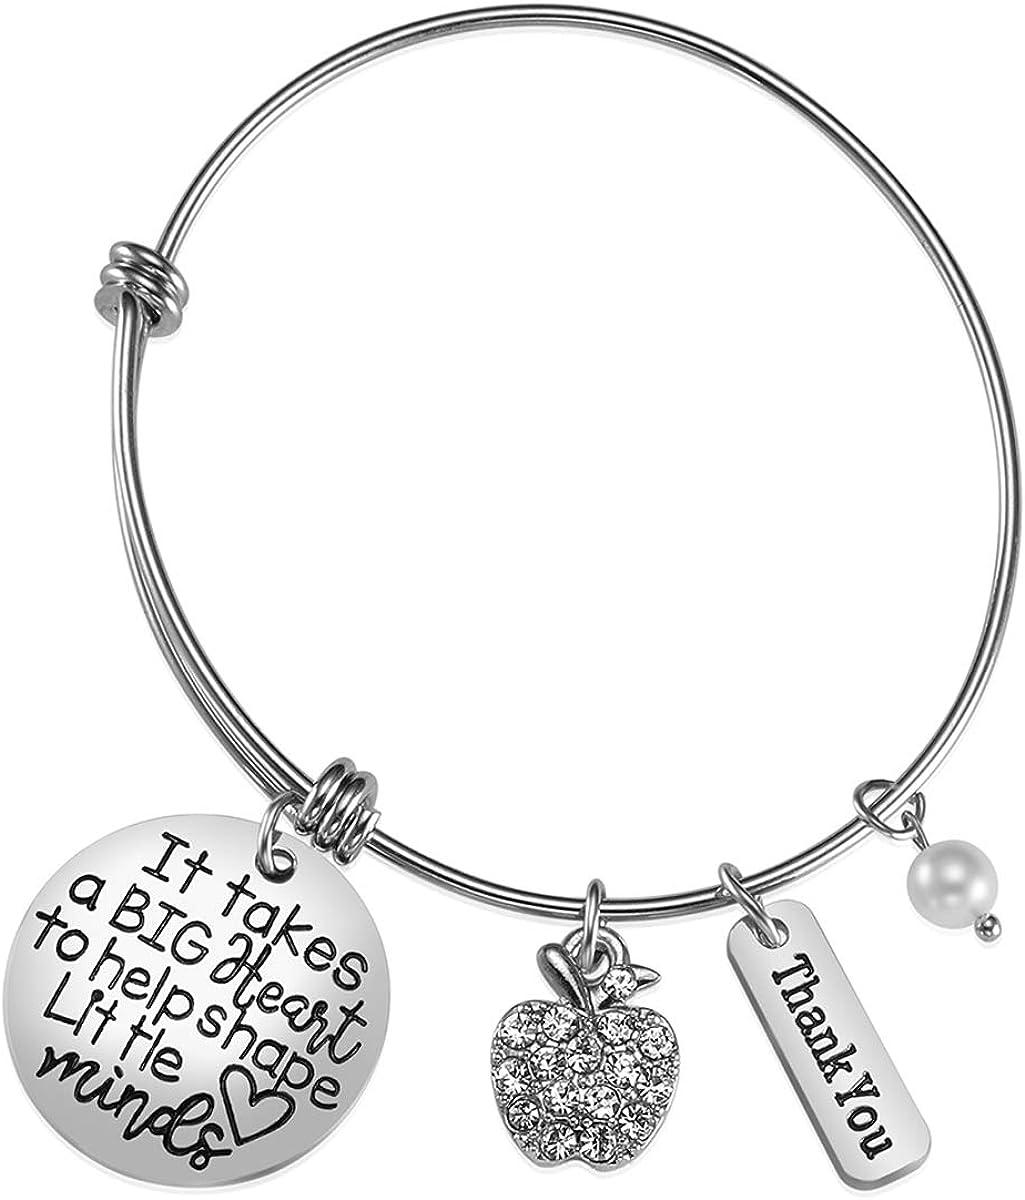 iJuqi Teacher Appreciation Gift - Teacher Bracelet for Women Thank You Gifts for Teachers